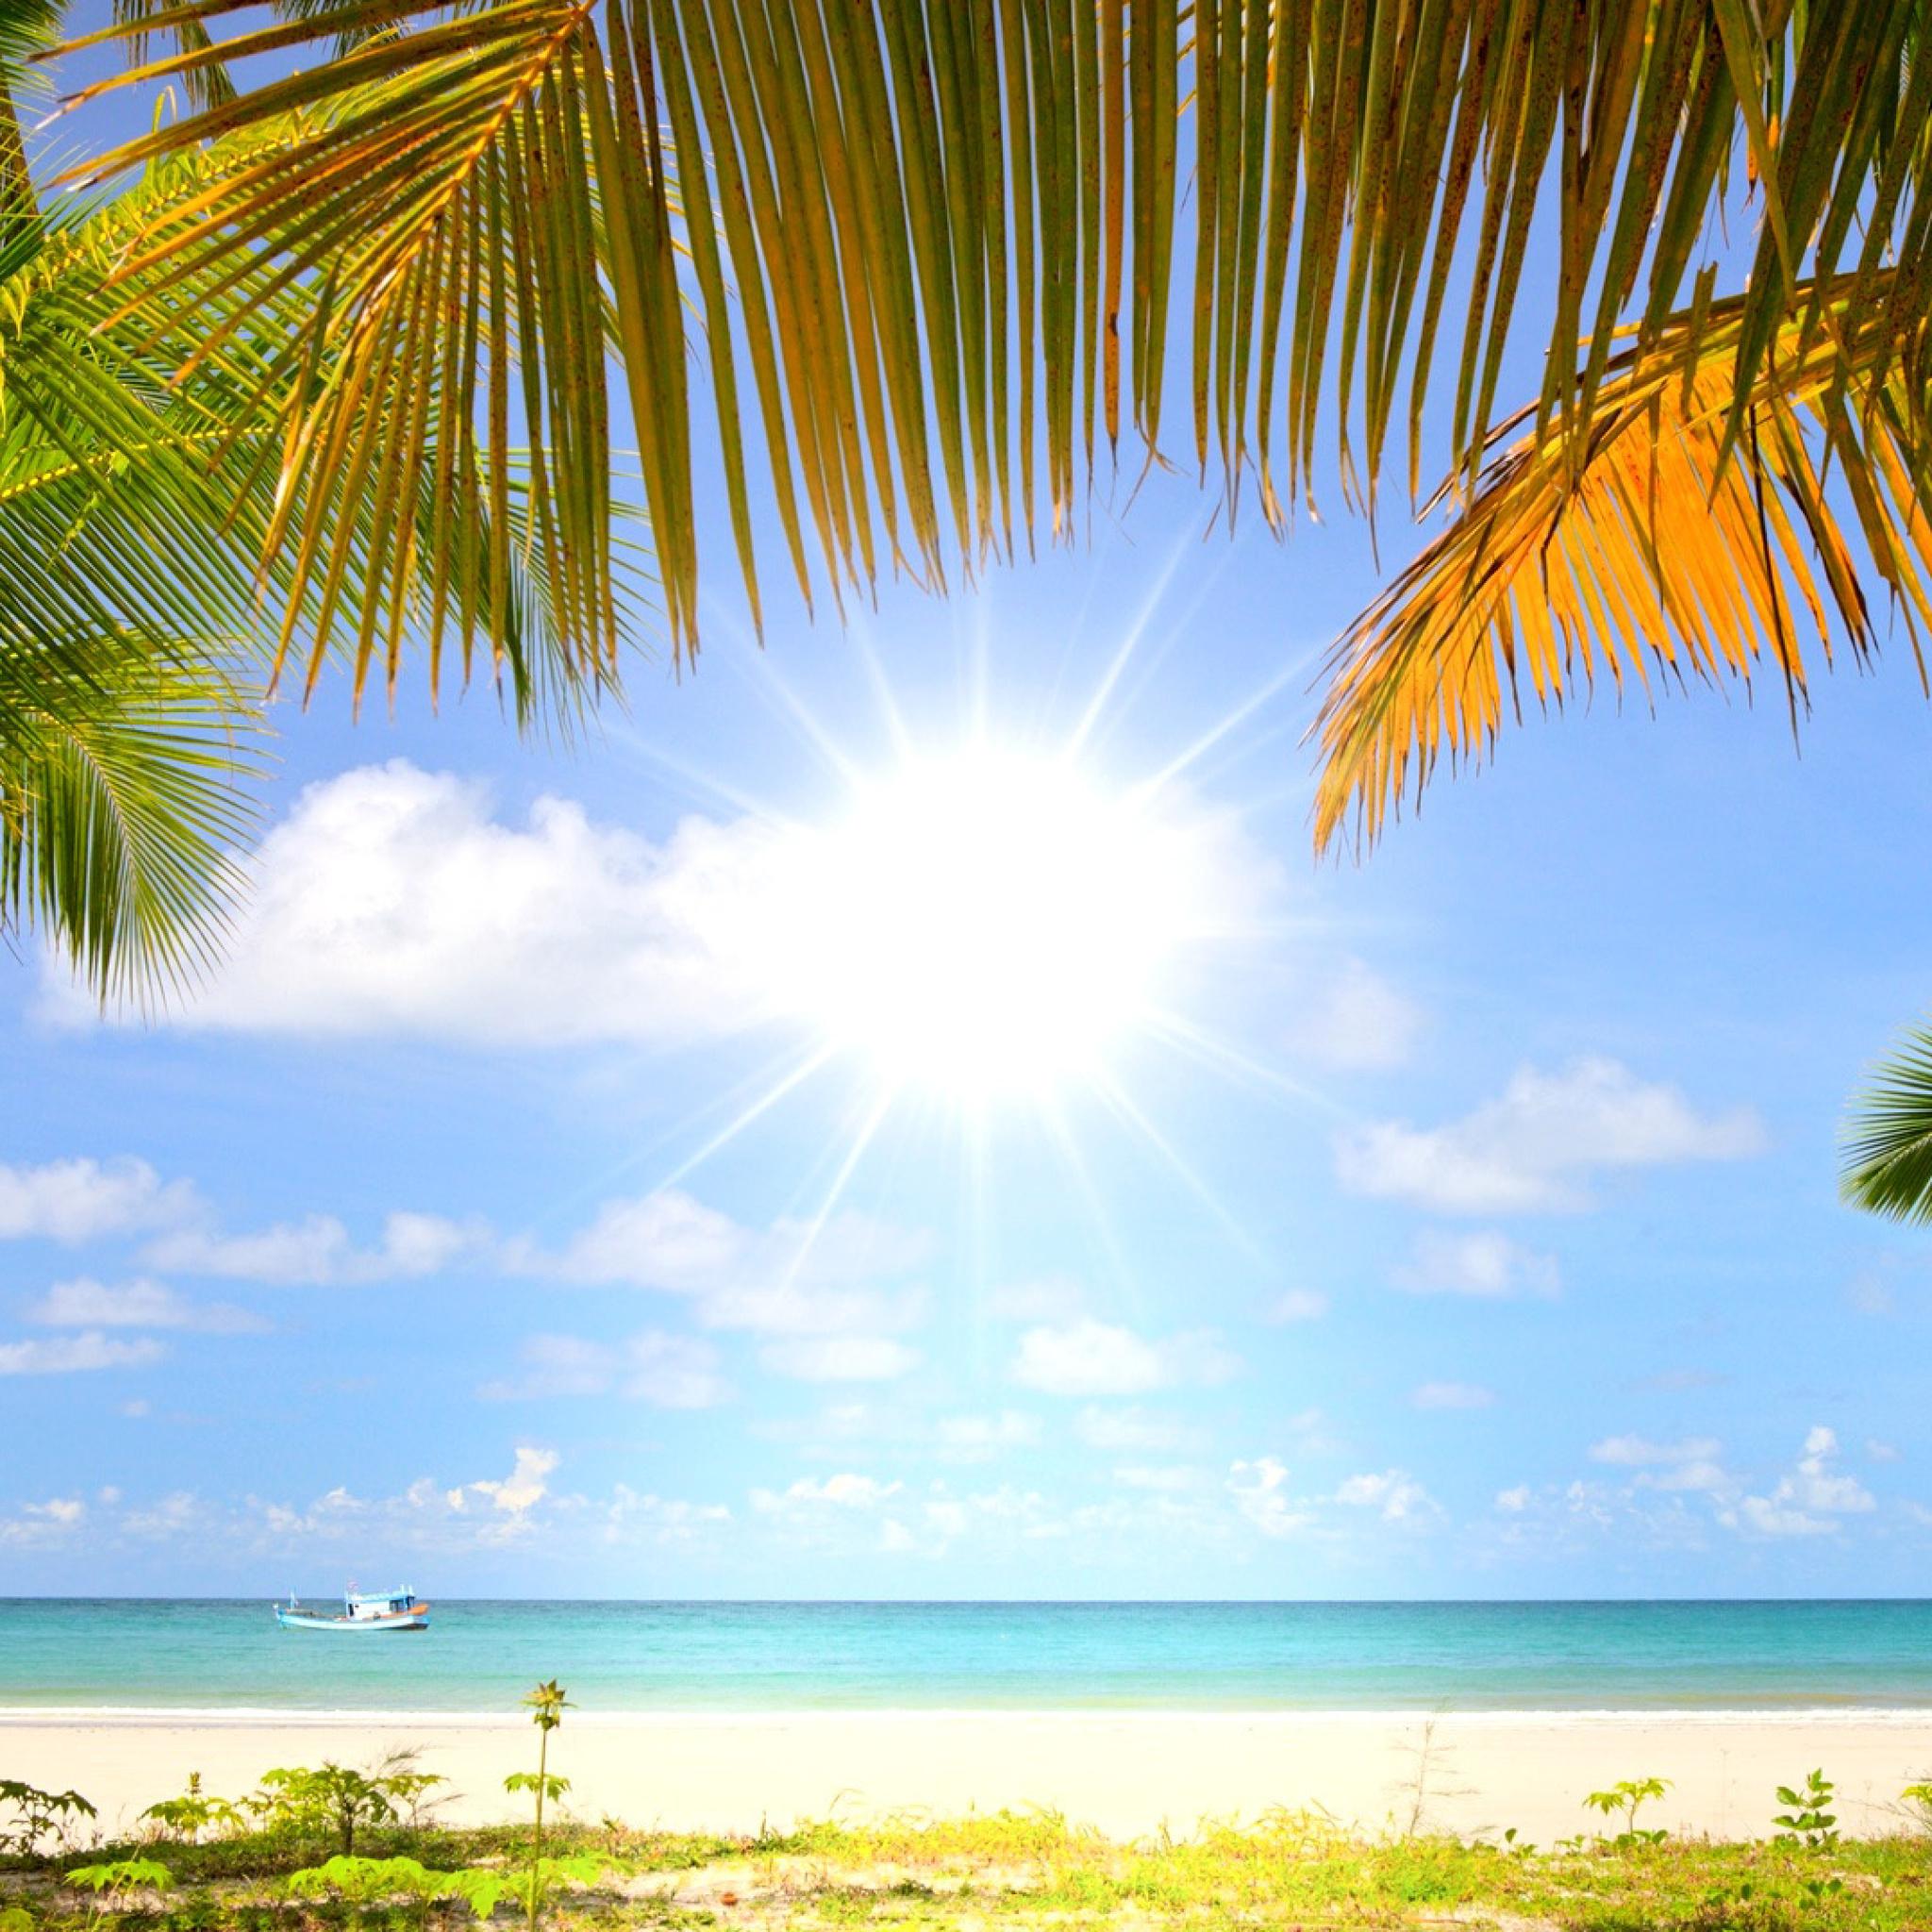 небольшом утро пляж лето картинки меню